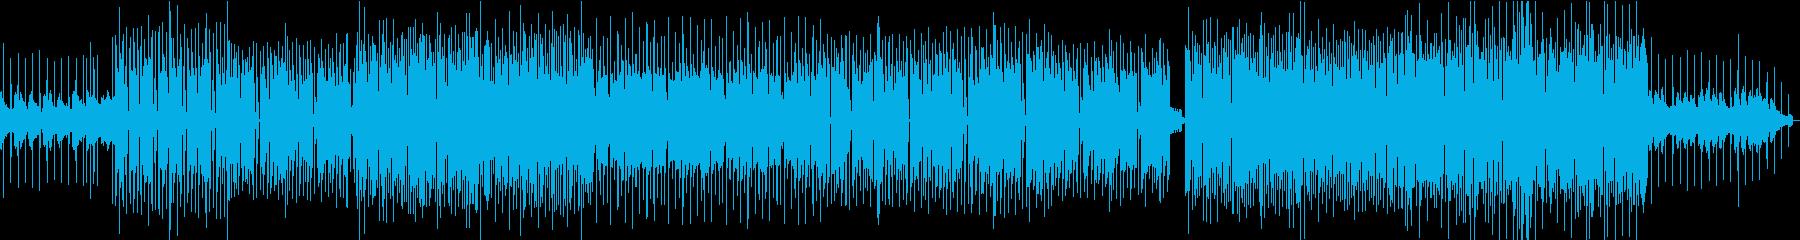 EDM系ダンスポップBGMの再生済みの波形